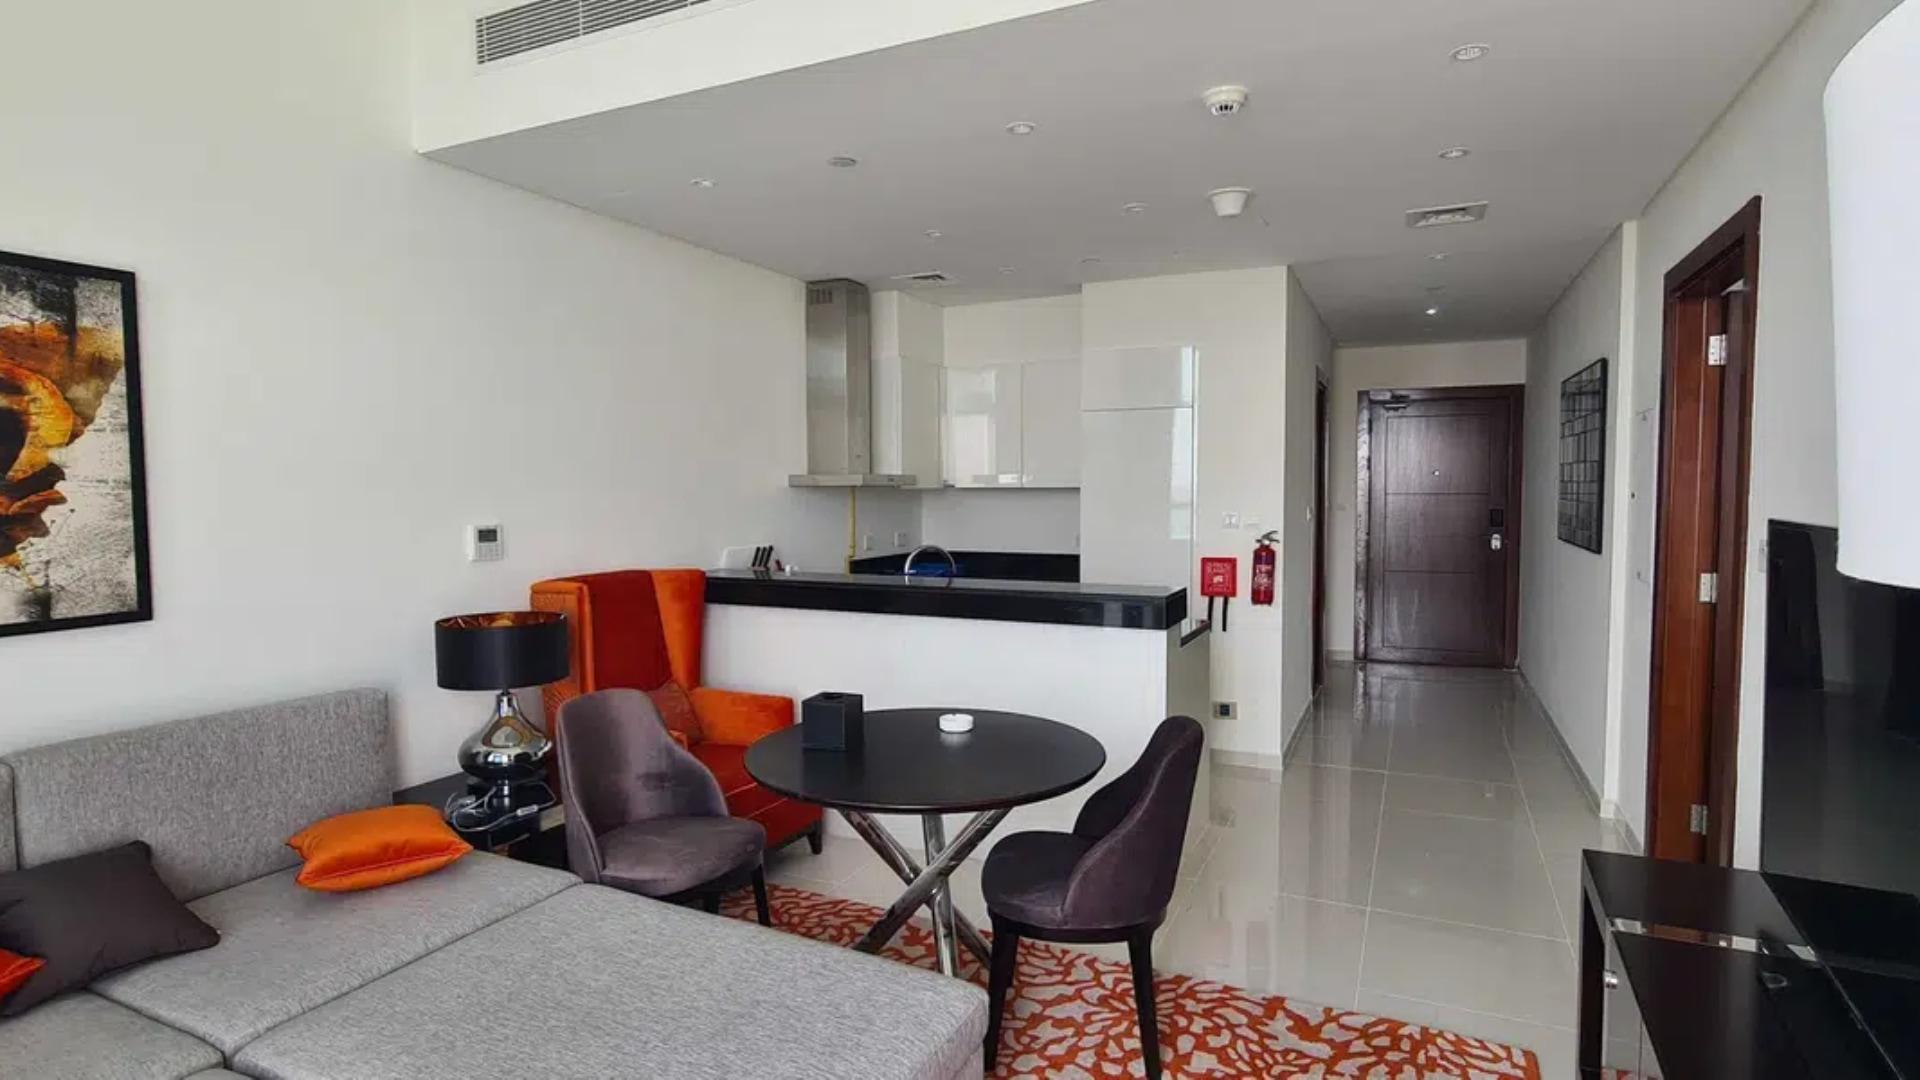 Apartamento en venta en Dubai, EAU, 3 dormitorios, 209 m2, № 24549 – foto 1